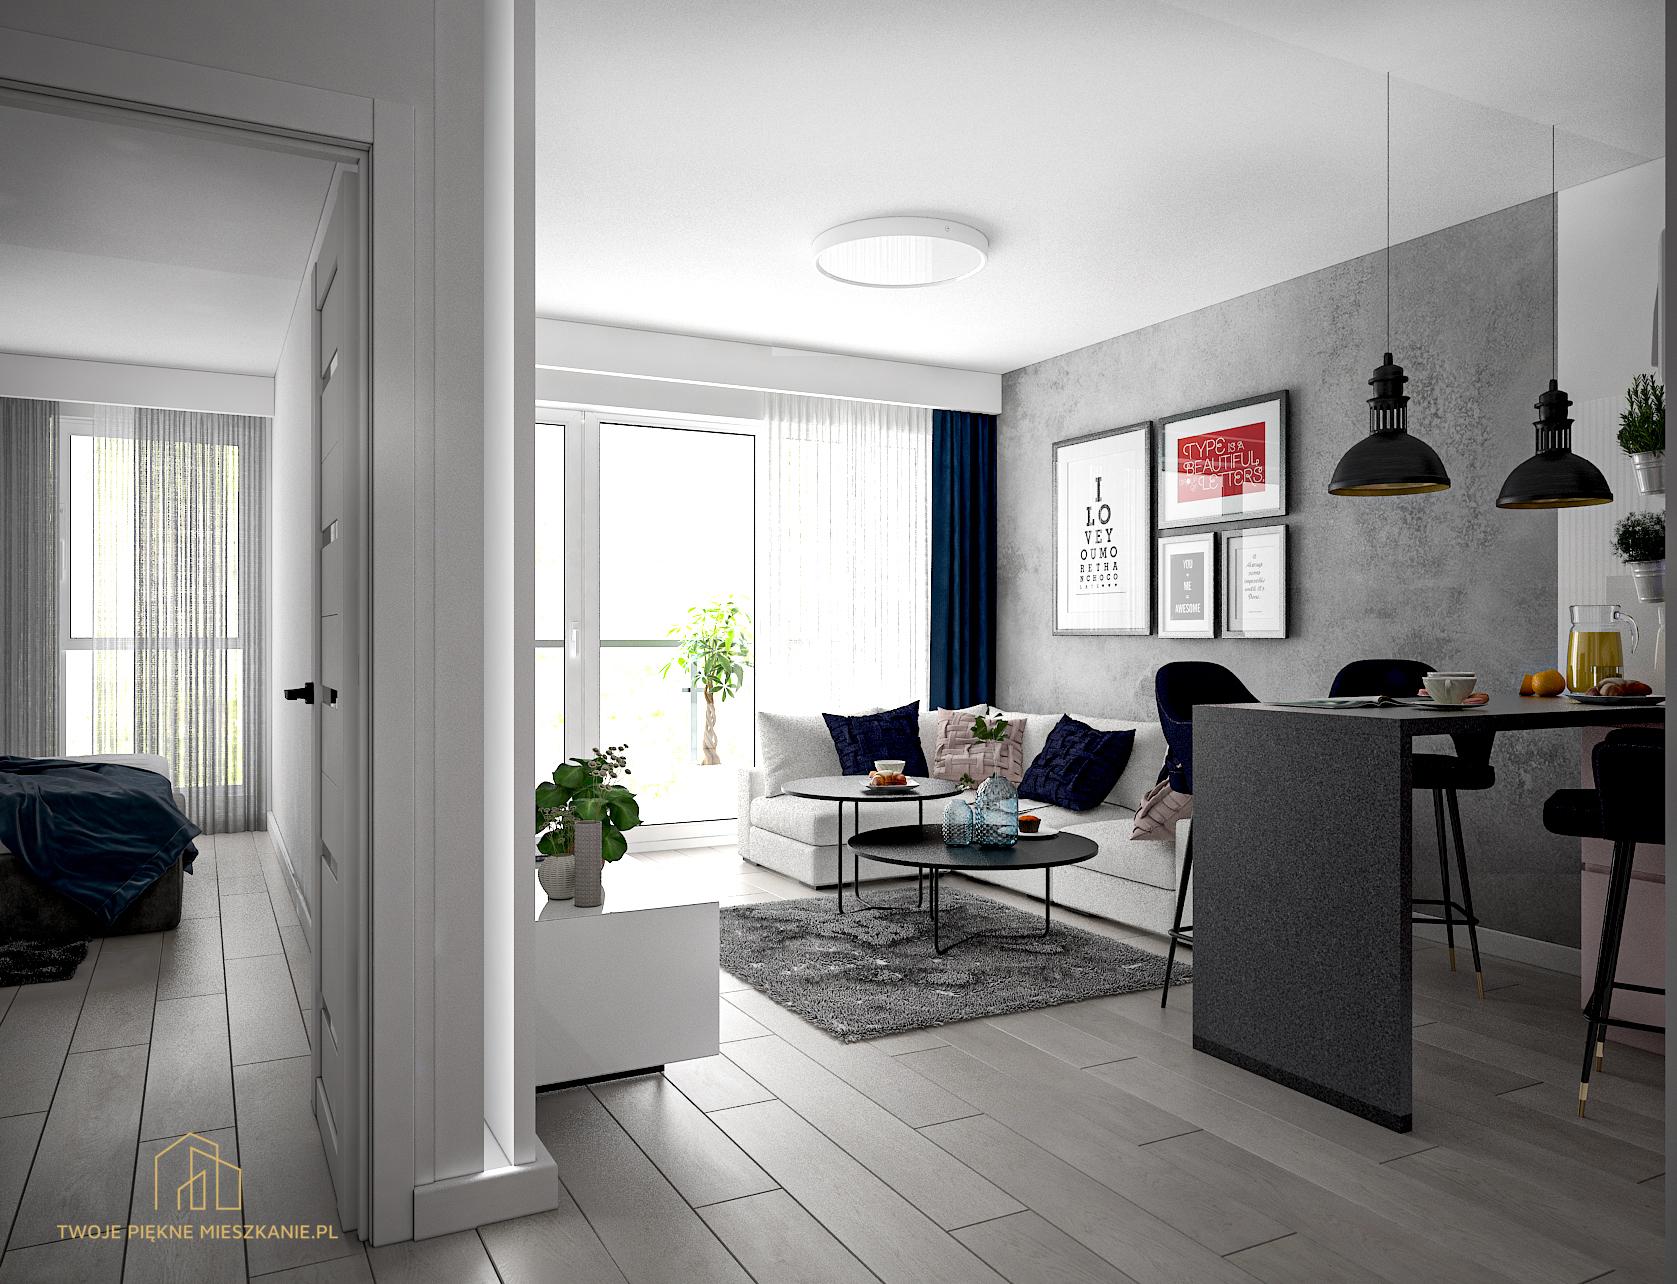 Home staging sztuka profesjonalnego przygotowania nieruchomosci do sprzedazy